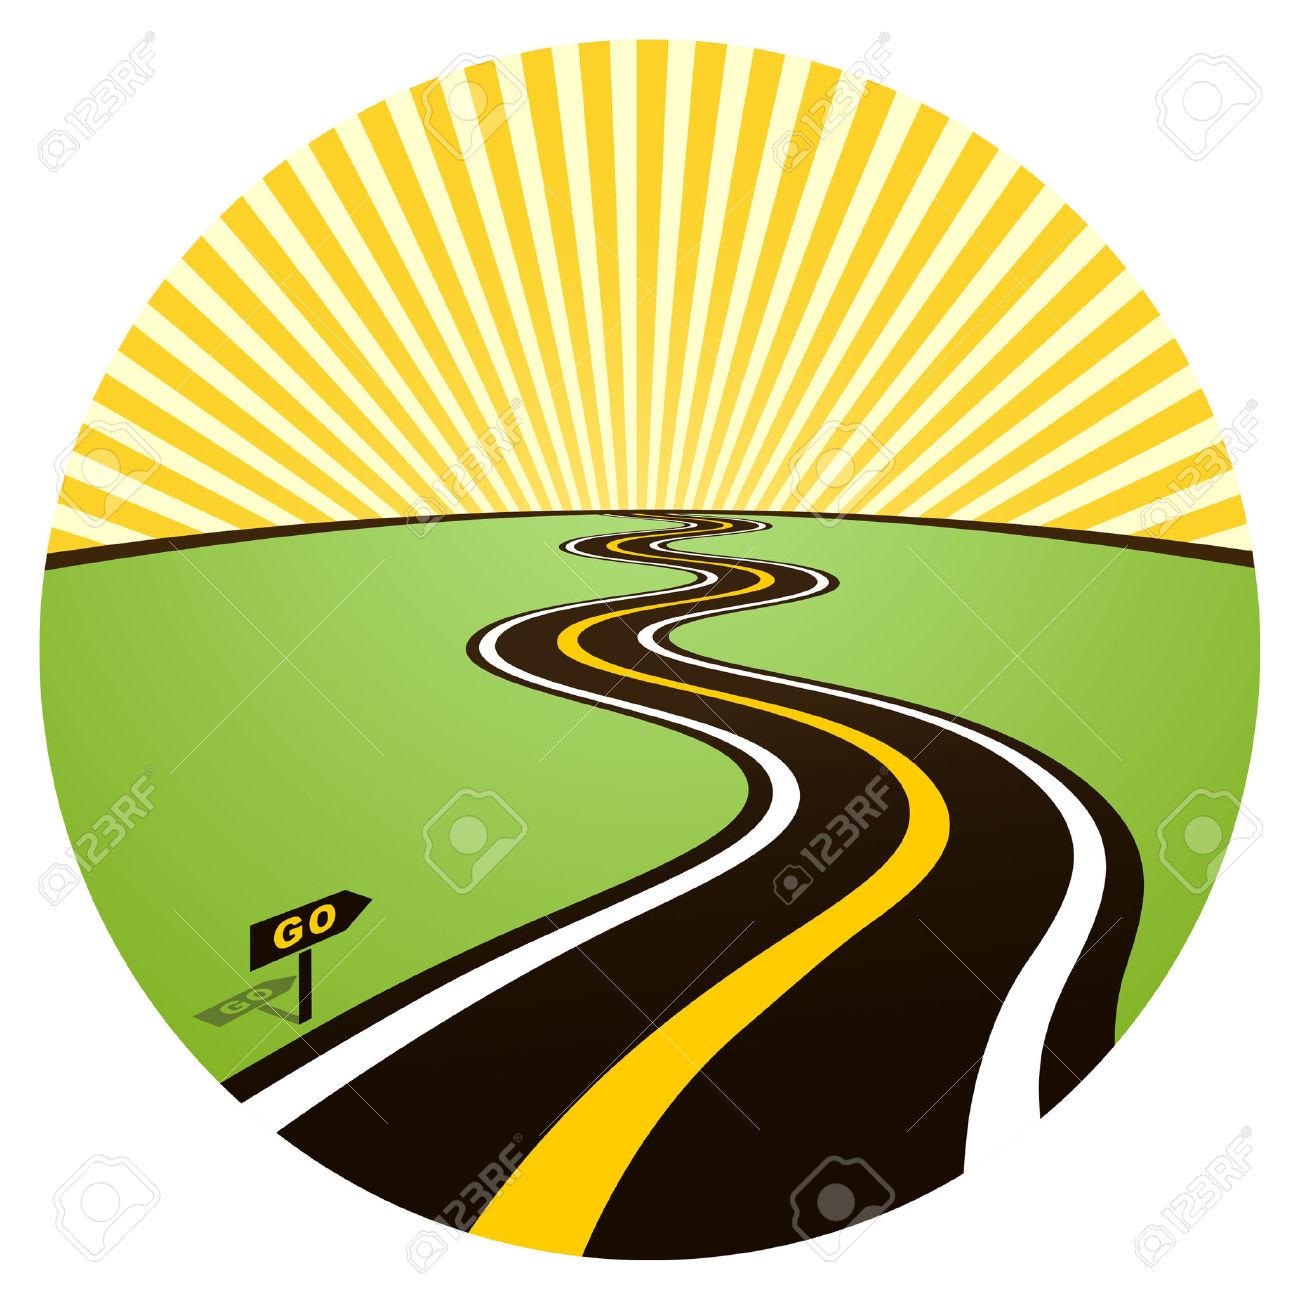 Highway clipart road map Horizon Art com Images Clipart